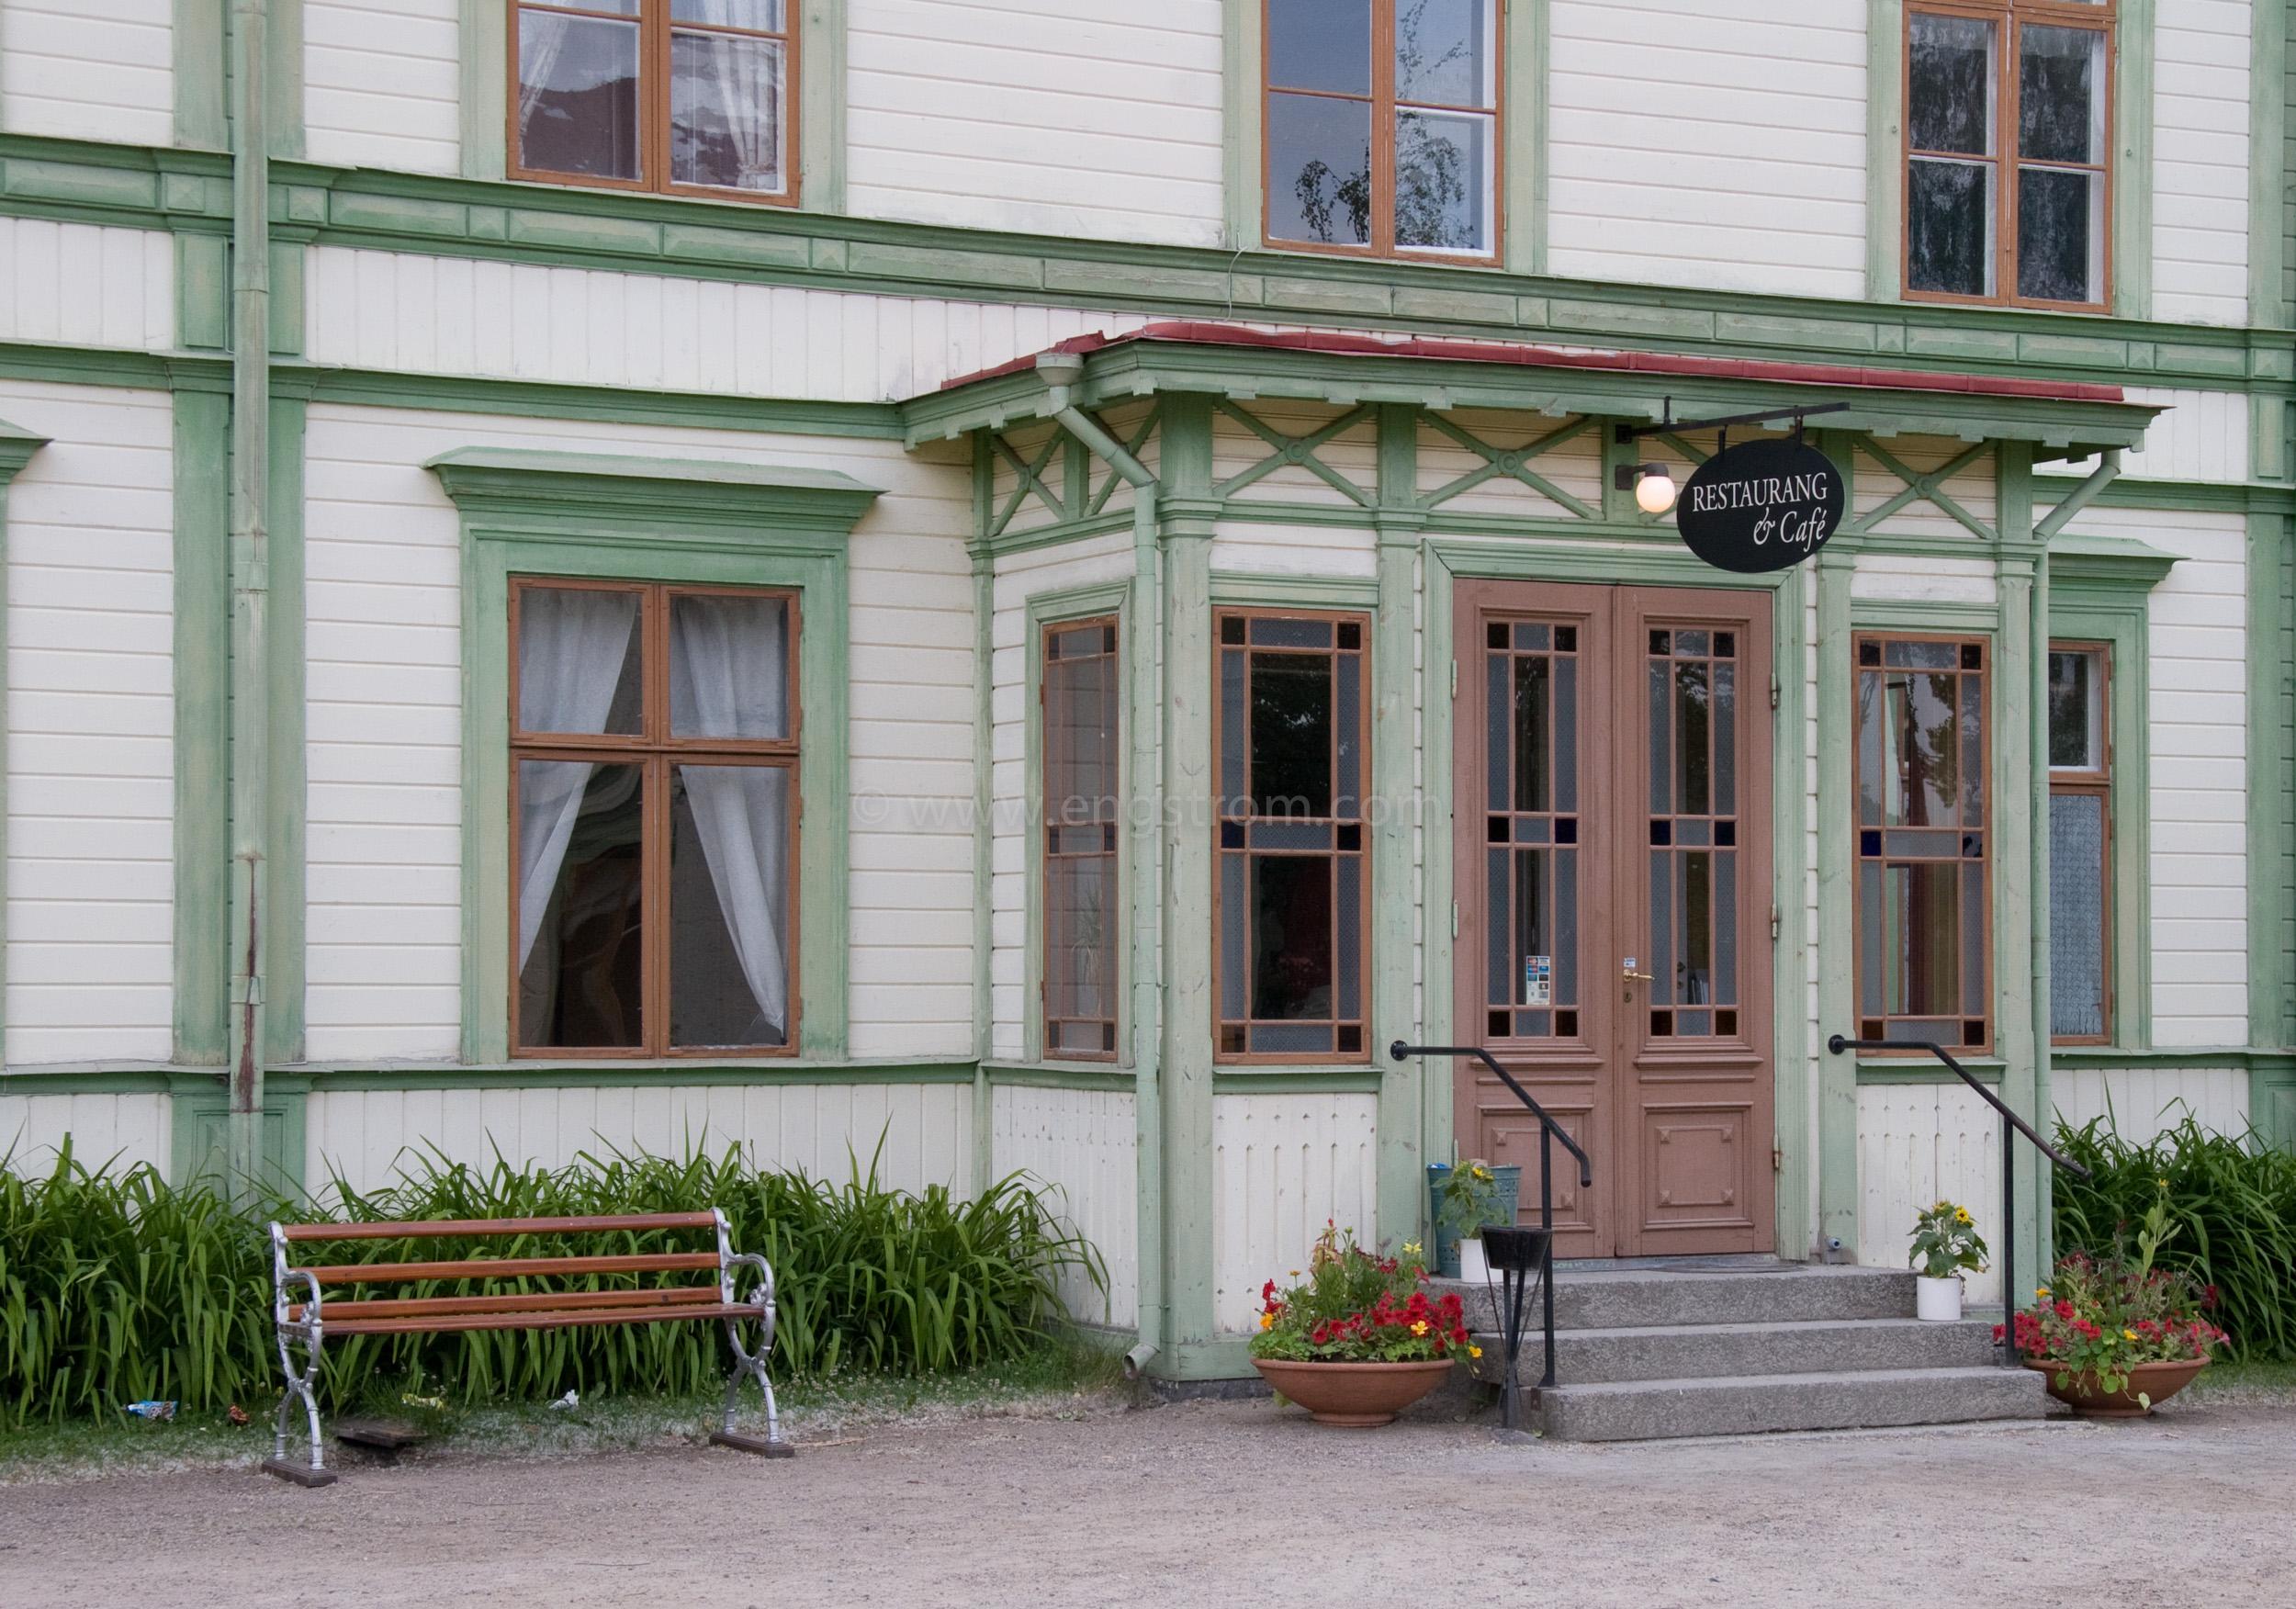 JE_11554, Trähus med gröna knutar, Järvsö, Jonas Engström